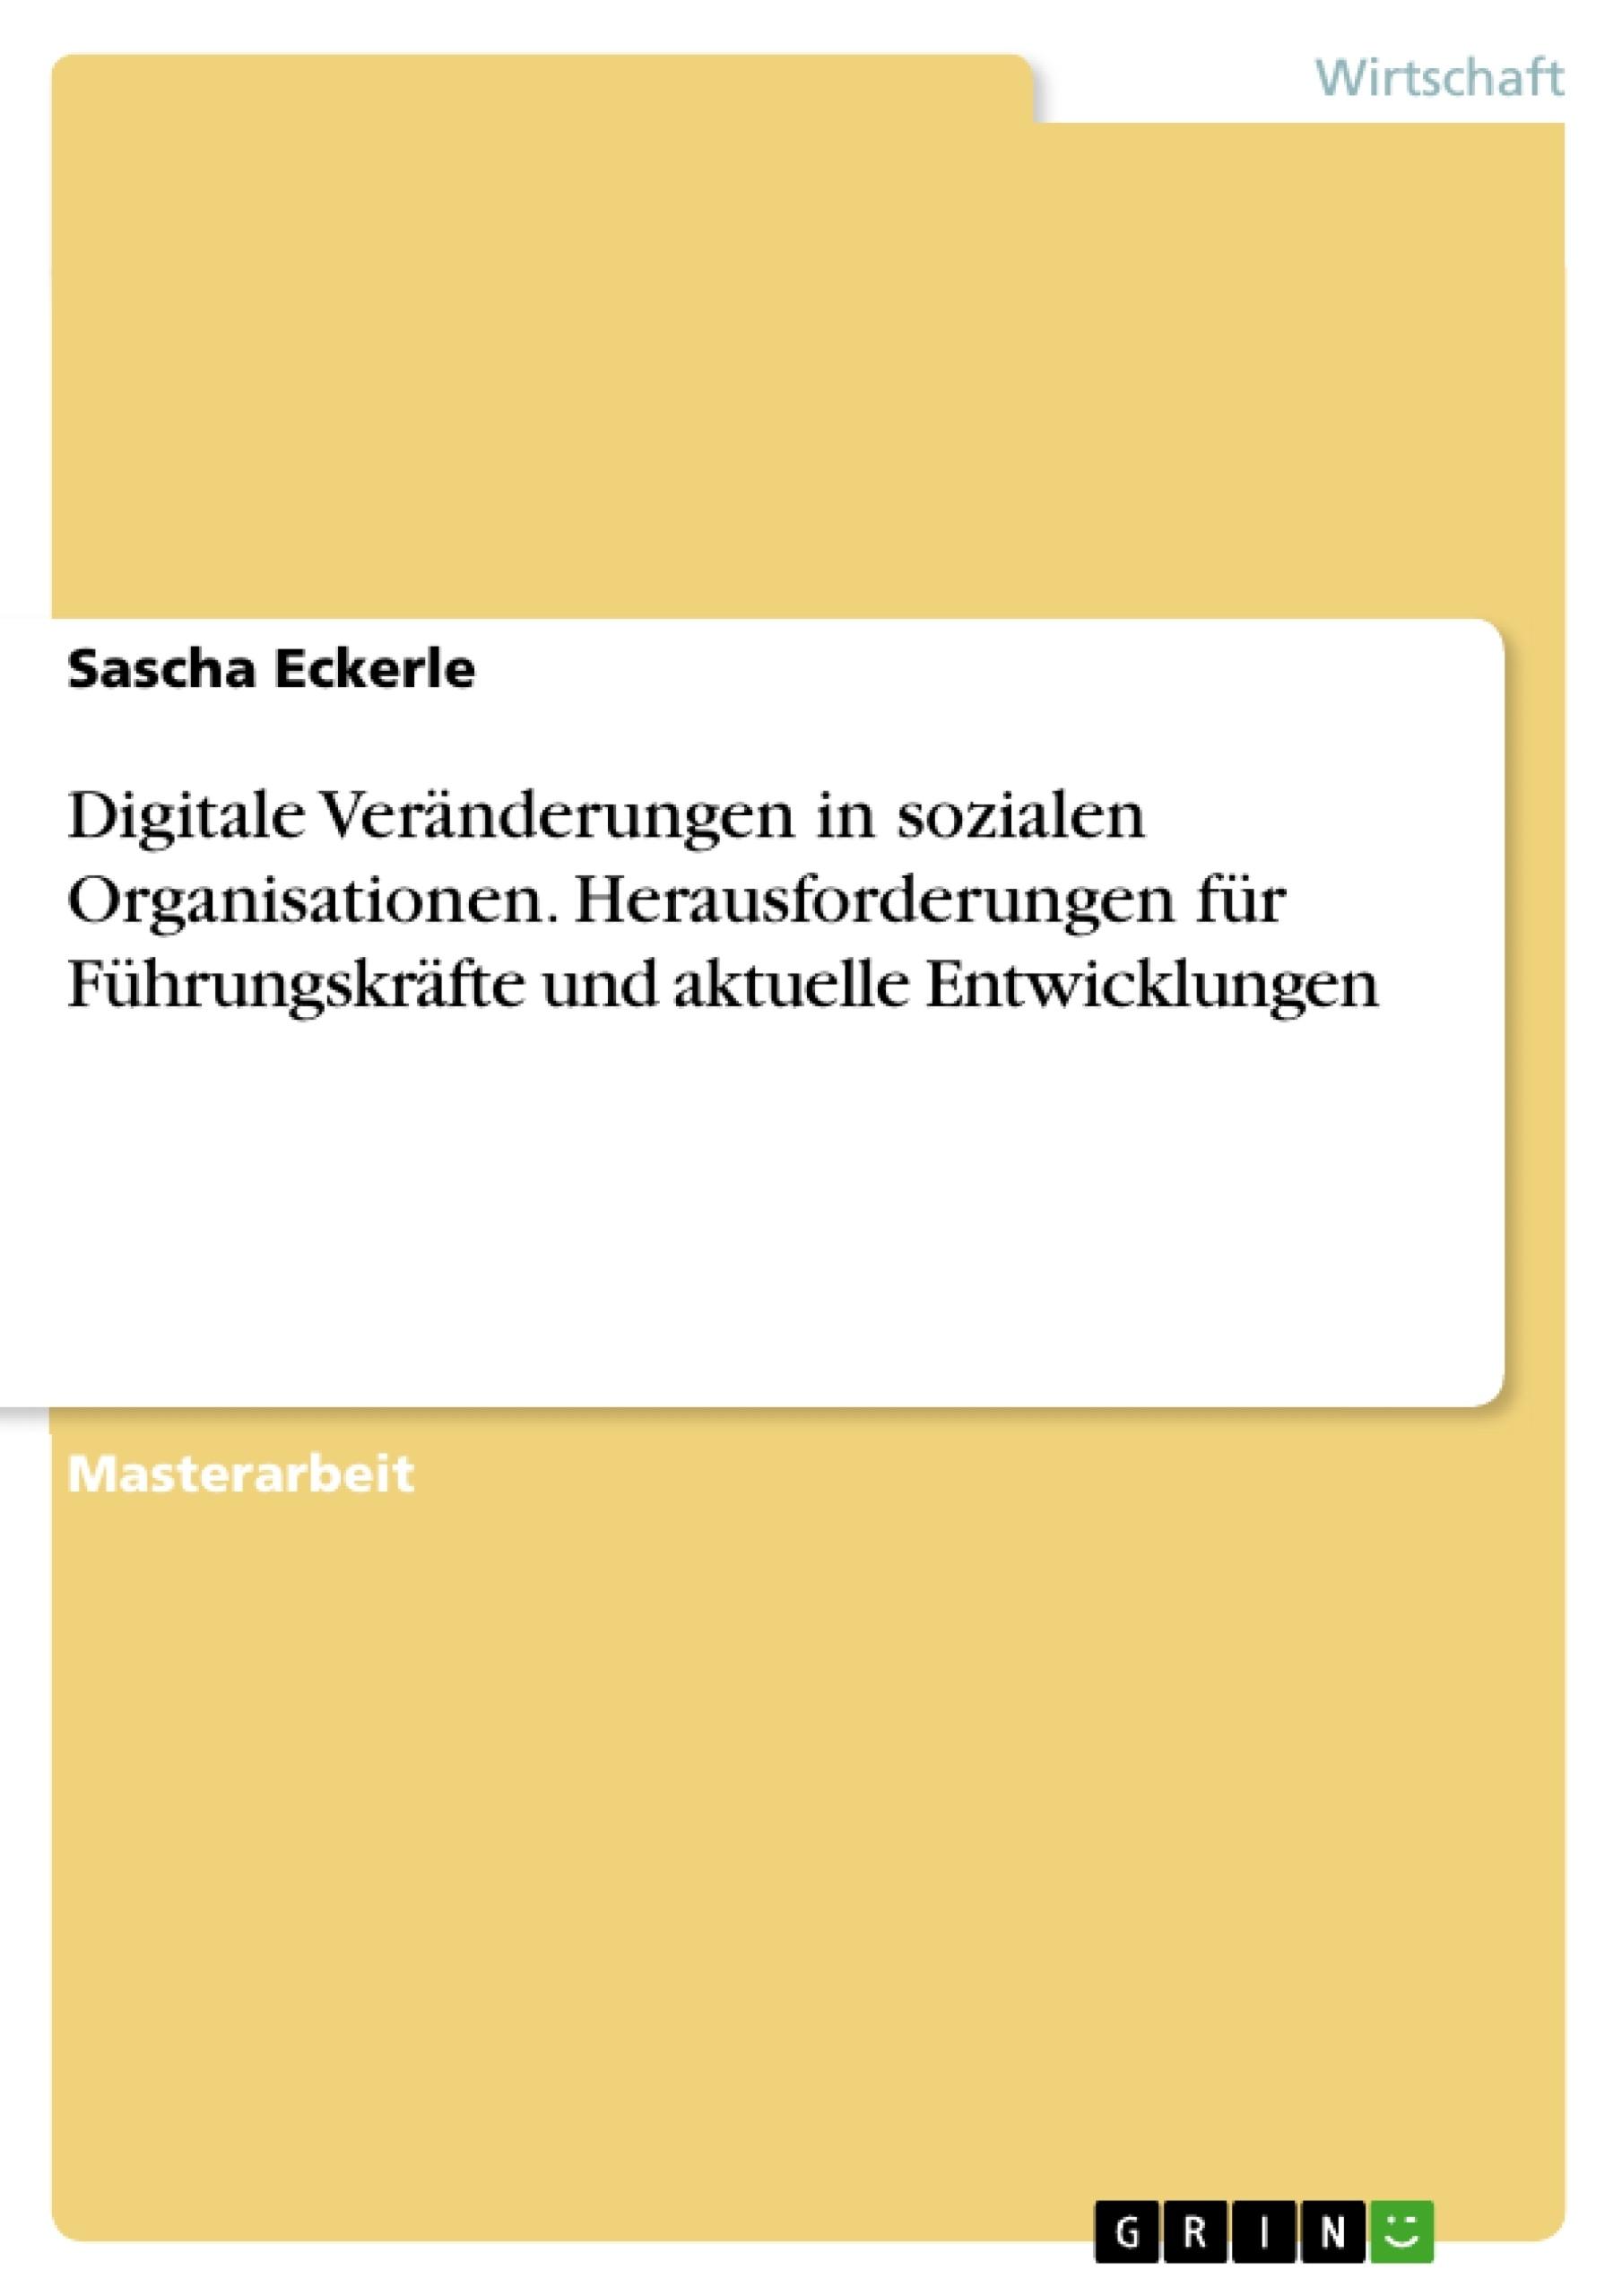 Titel: Digitale Veränderungen in sozialen Organisationen. Herausforderungen für Führungskräfte und aktuelle Entwicklungen